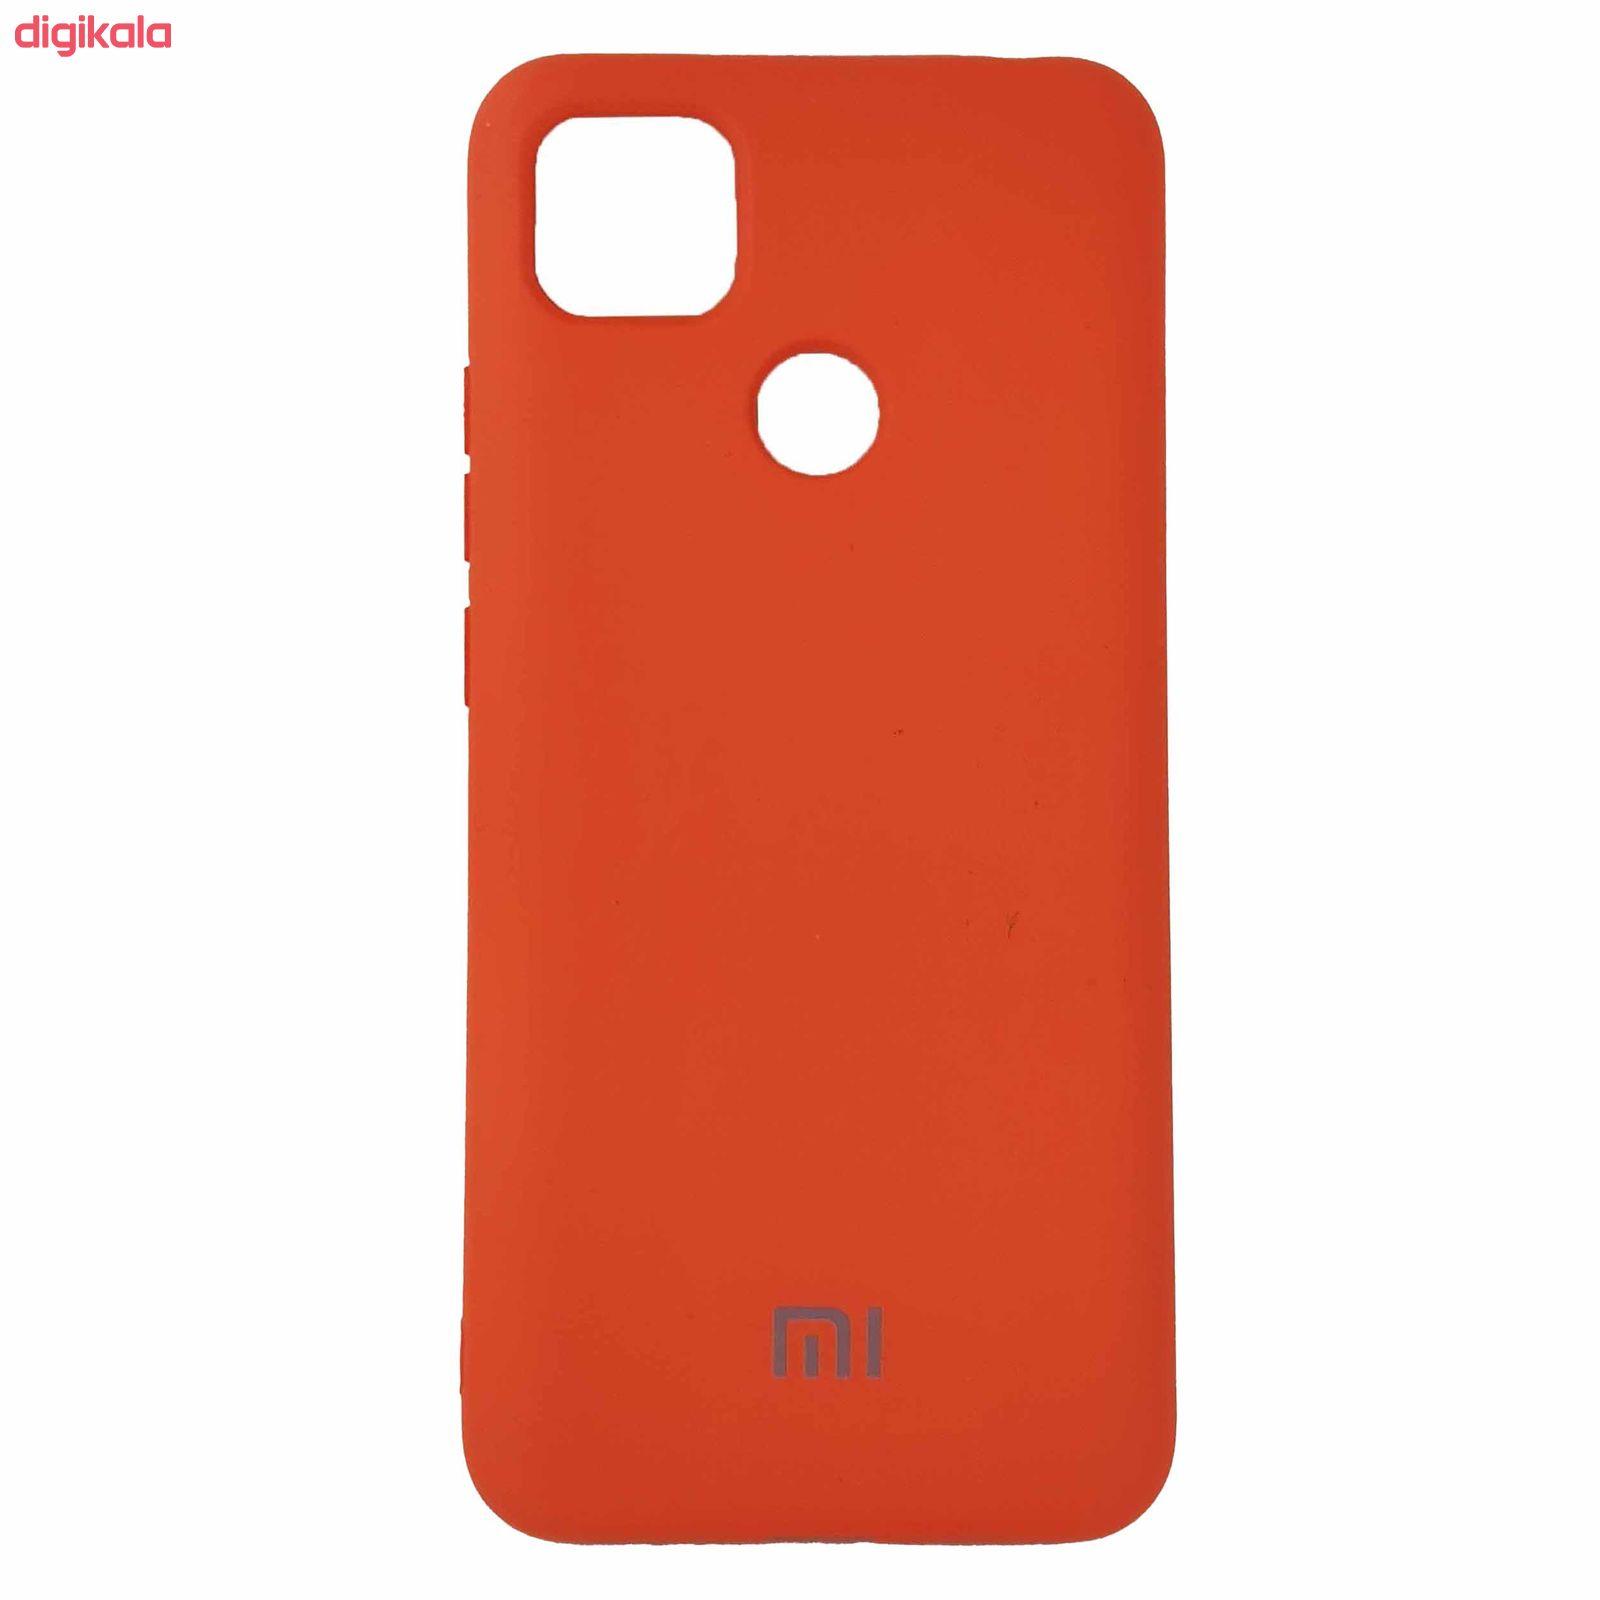 کاور مدل SLIKNI مناسب برای گوشی موبایل شیائومی Redmi 9c main 1 16